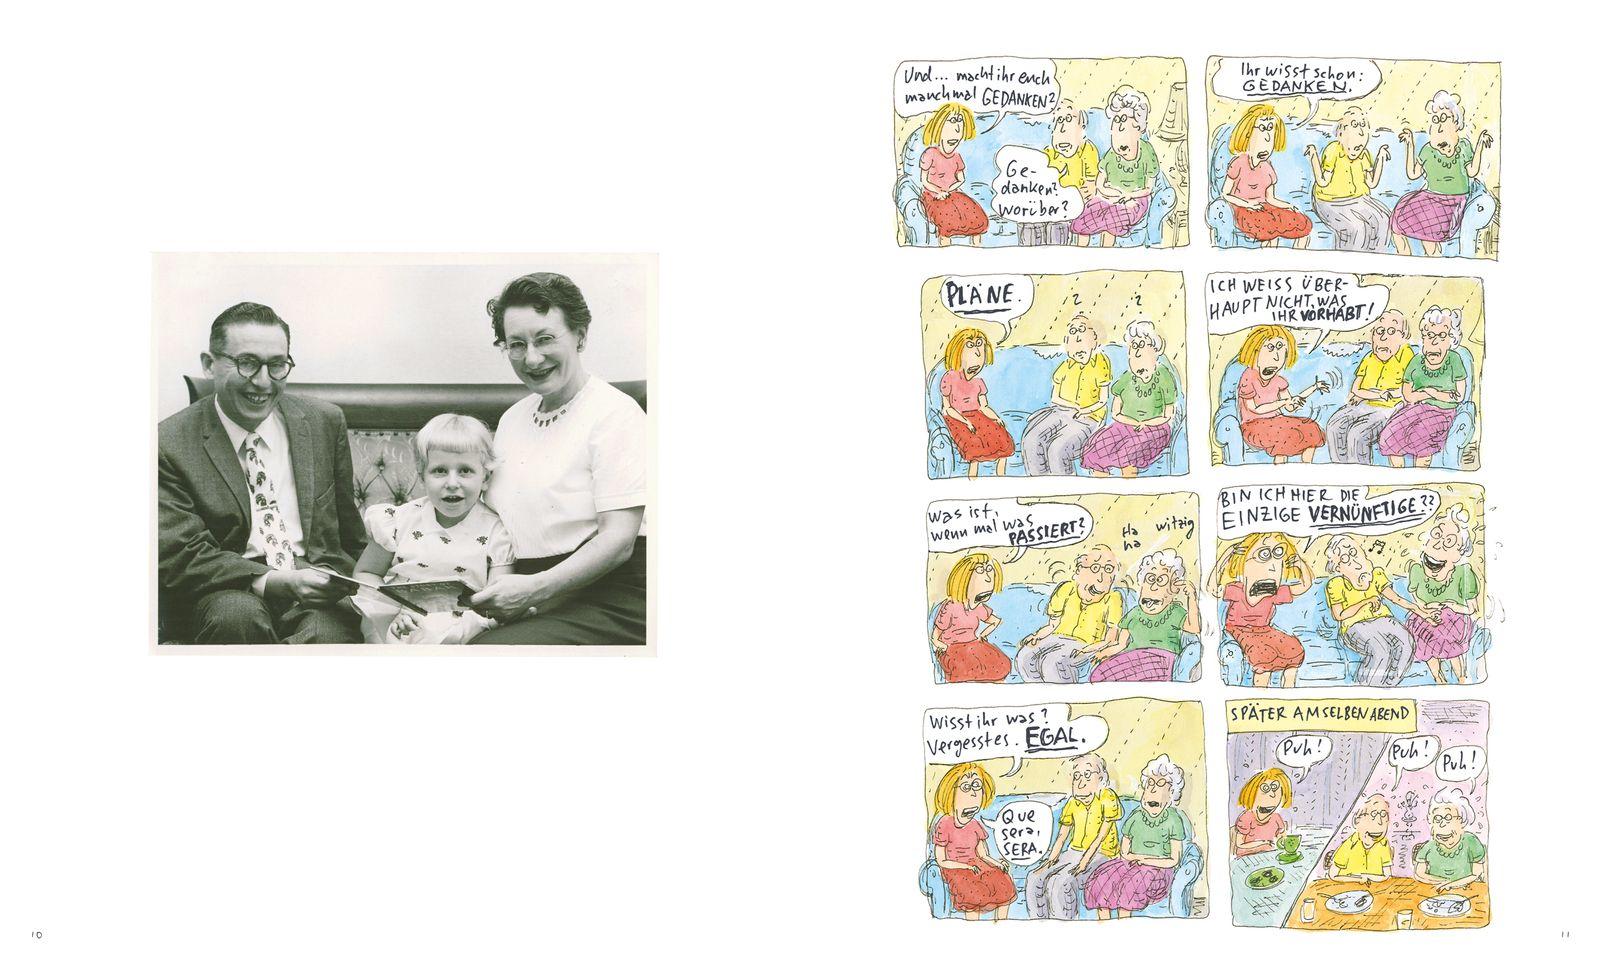 EINMALIGE VERWENDUNG Geschenktipps/ Comics/ Roz Chast: Können wir nicht über was Anderes reden?